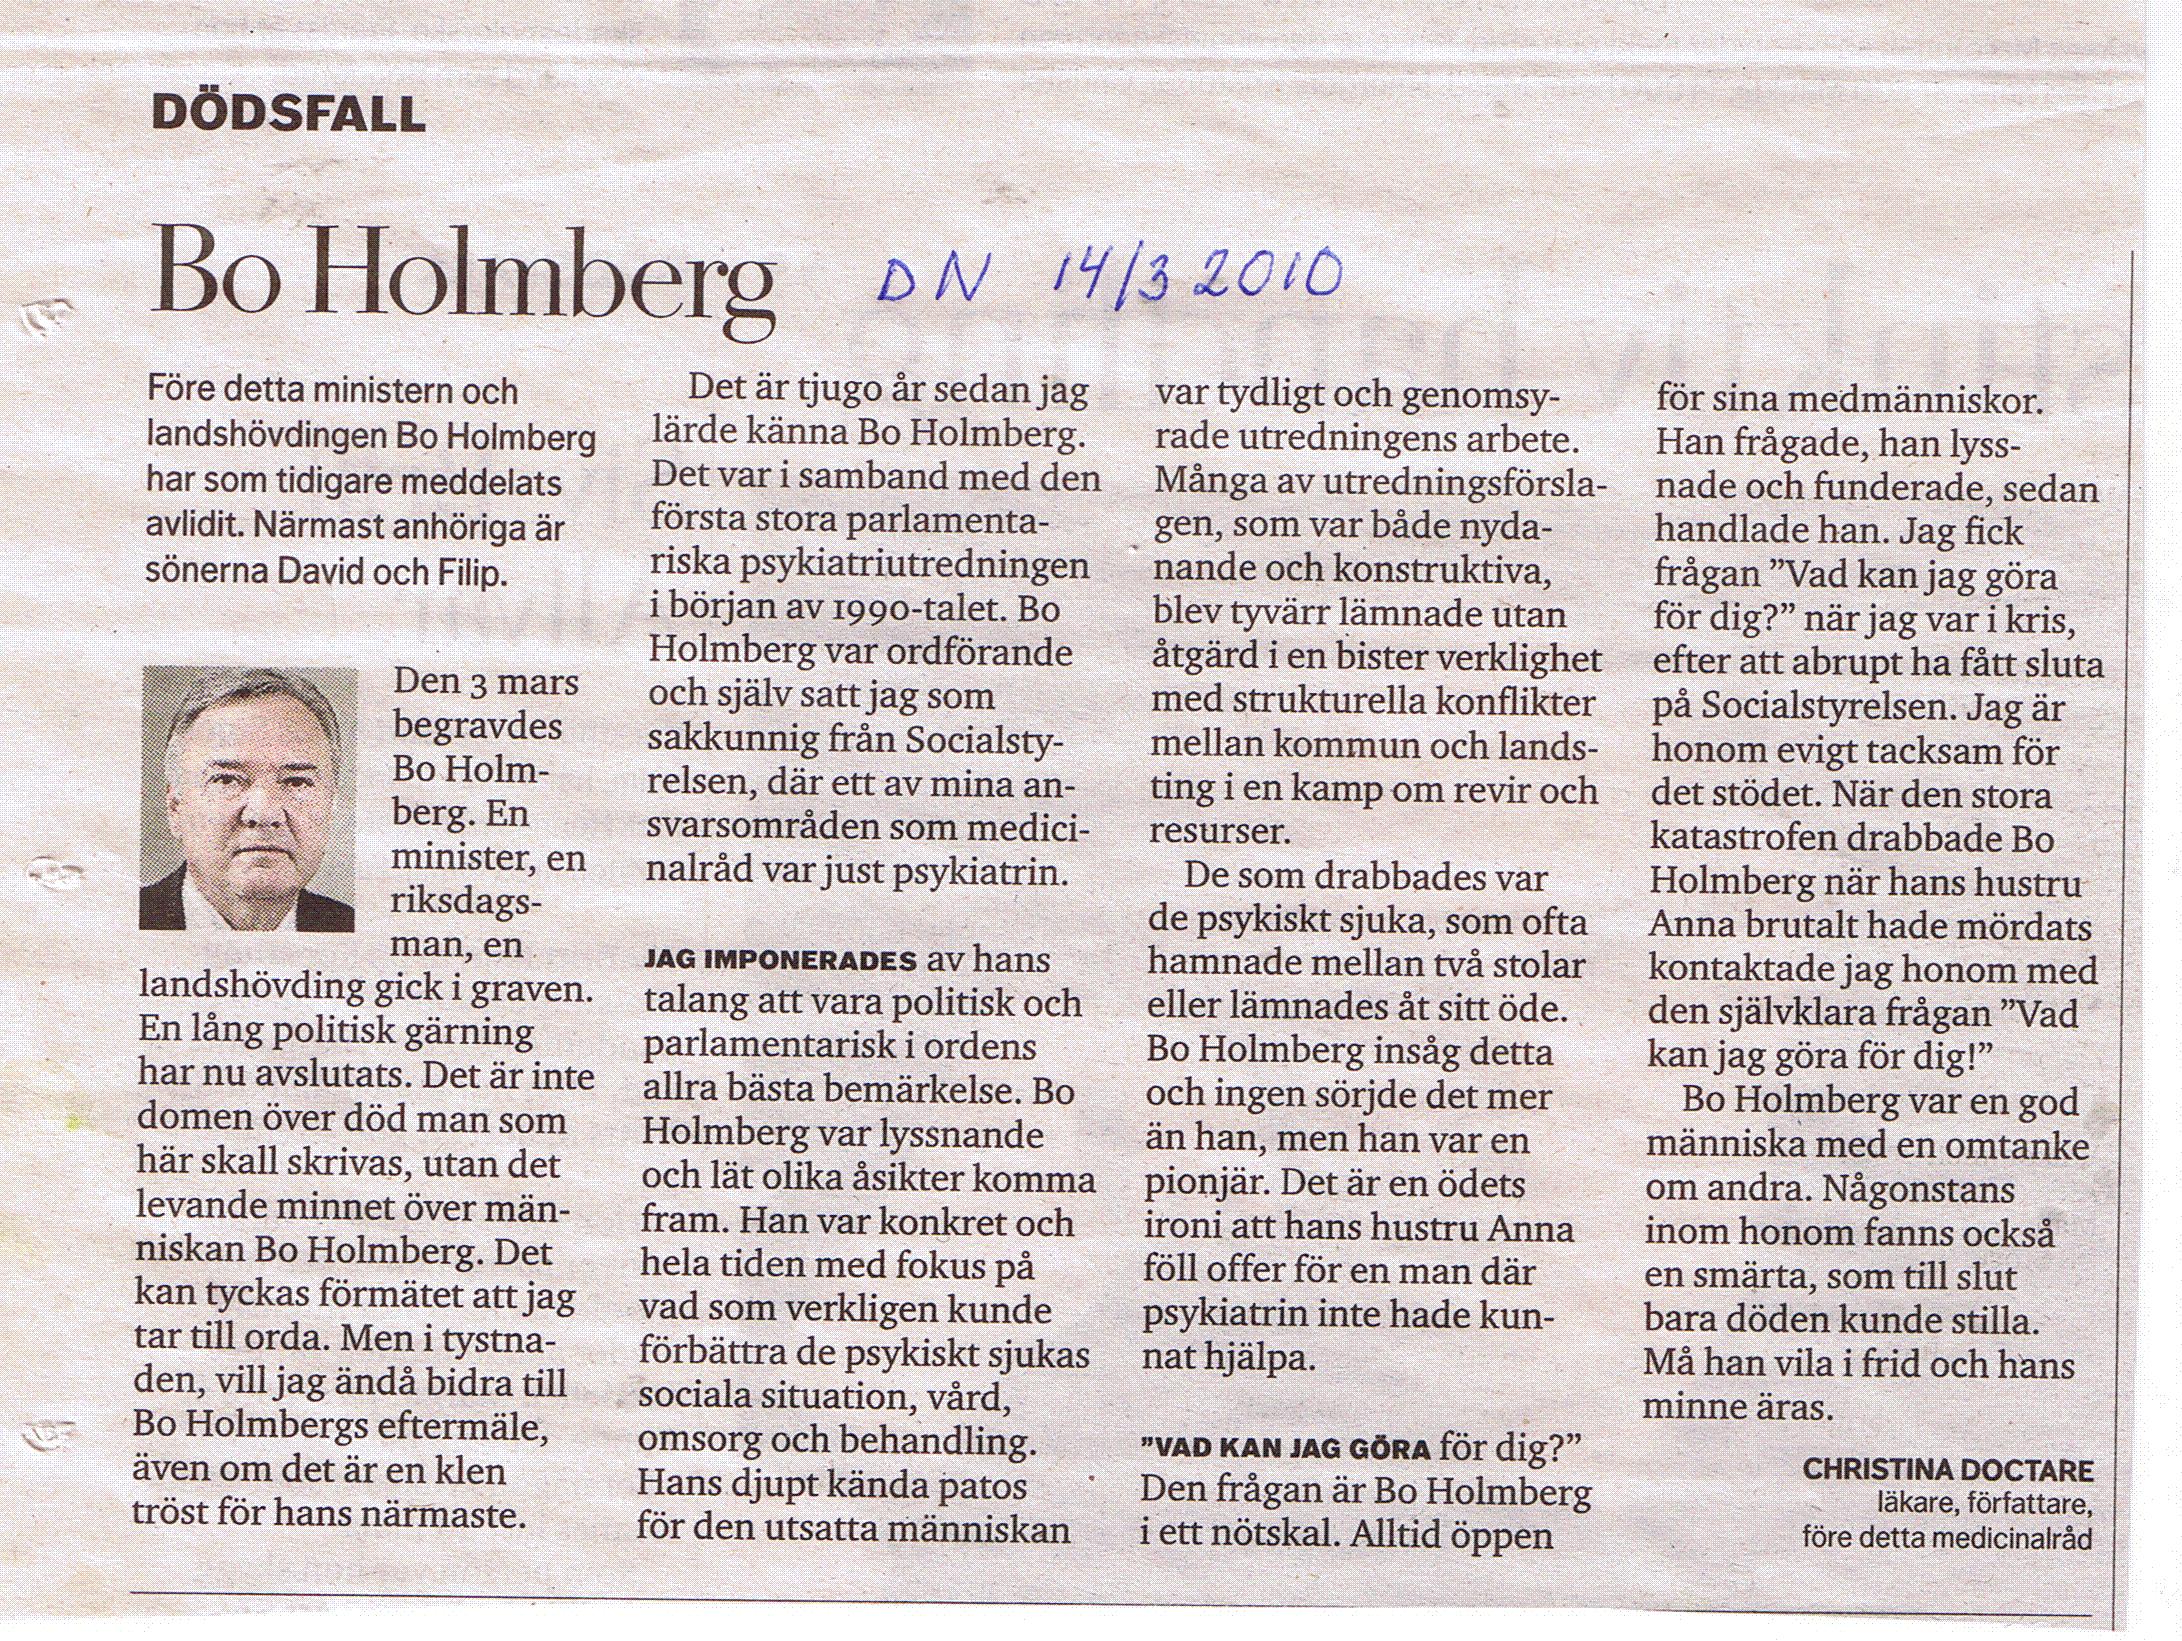 Bo holmberg ar dod